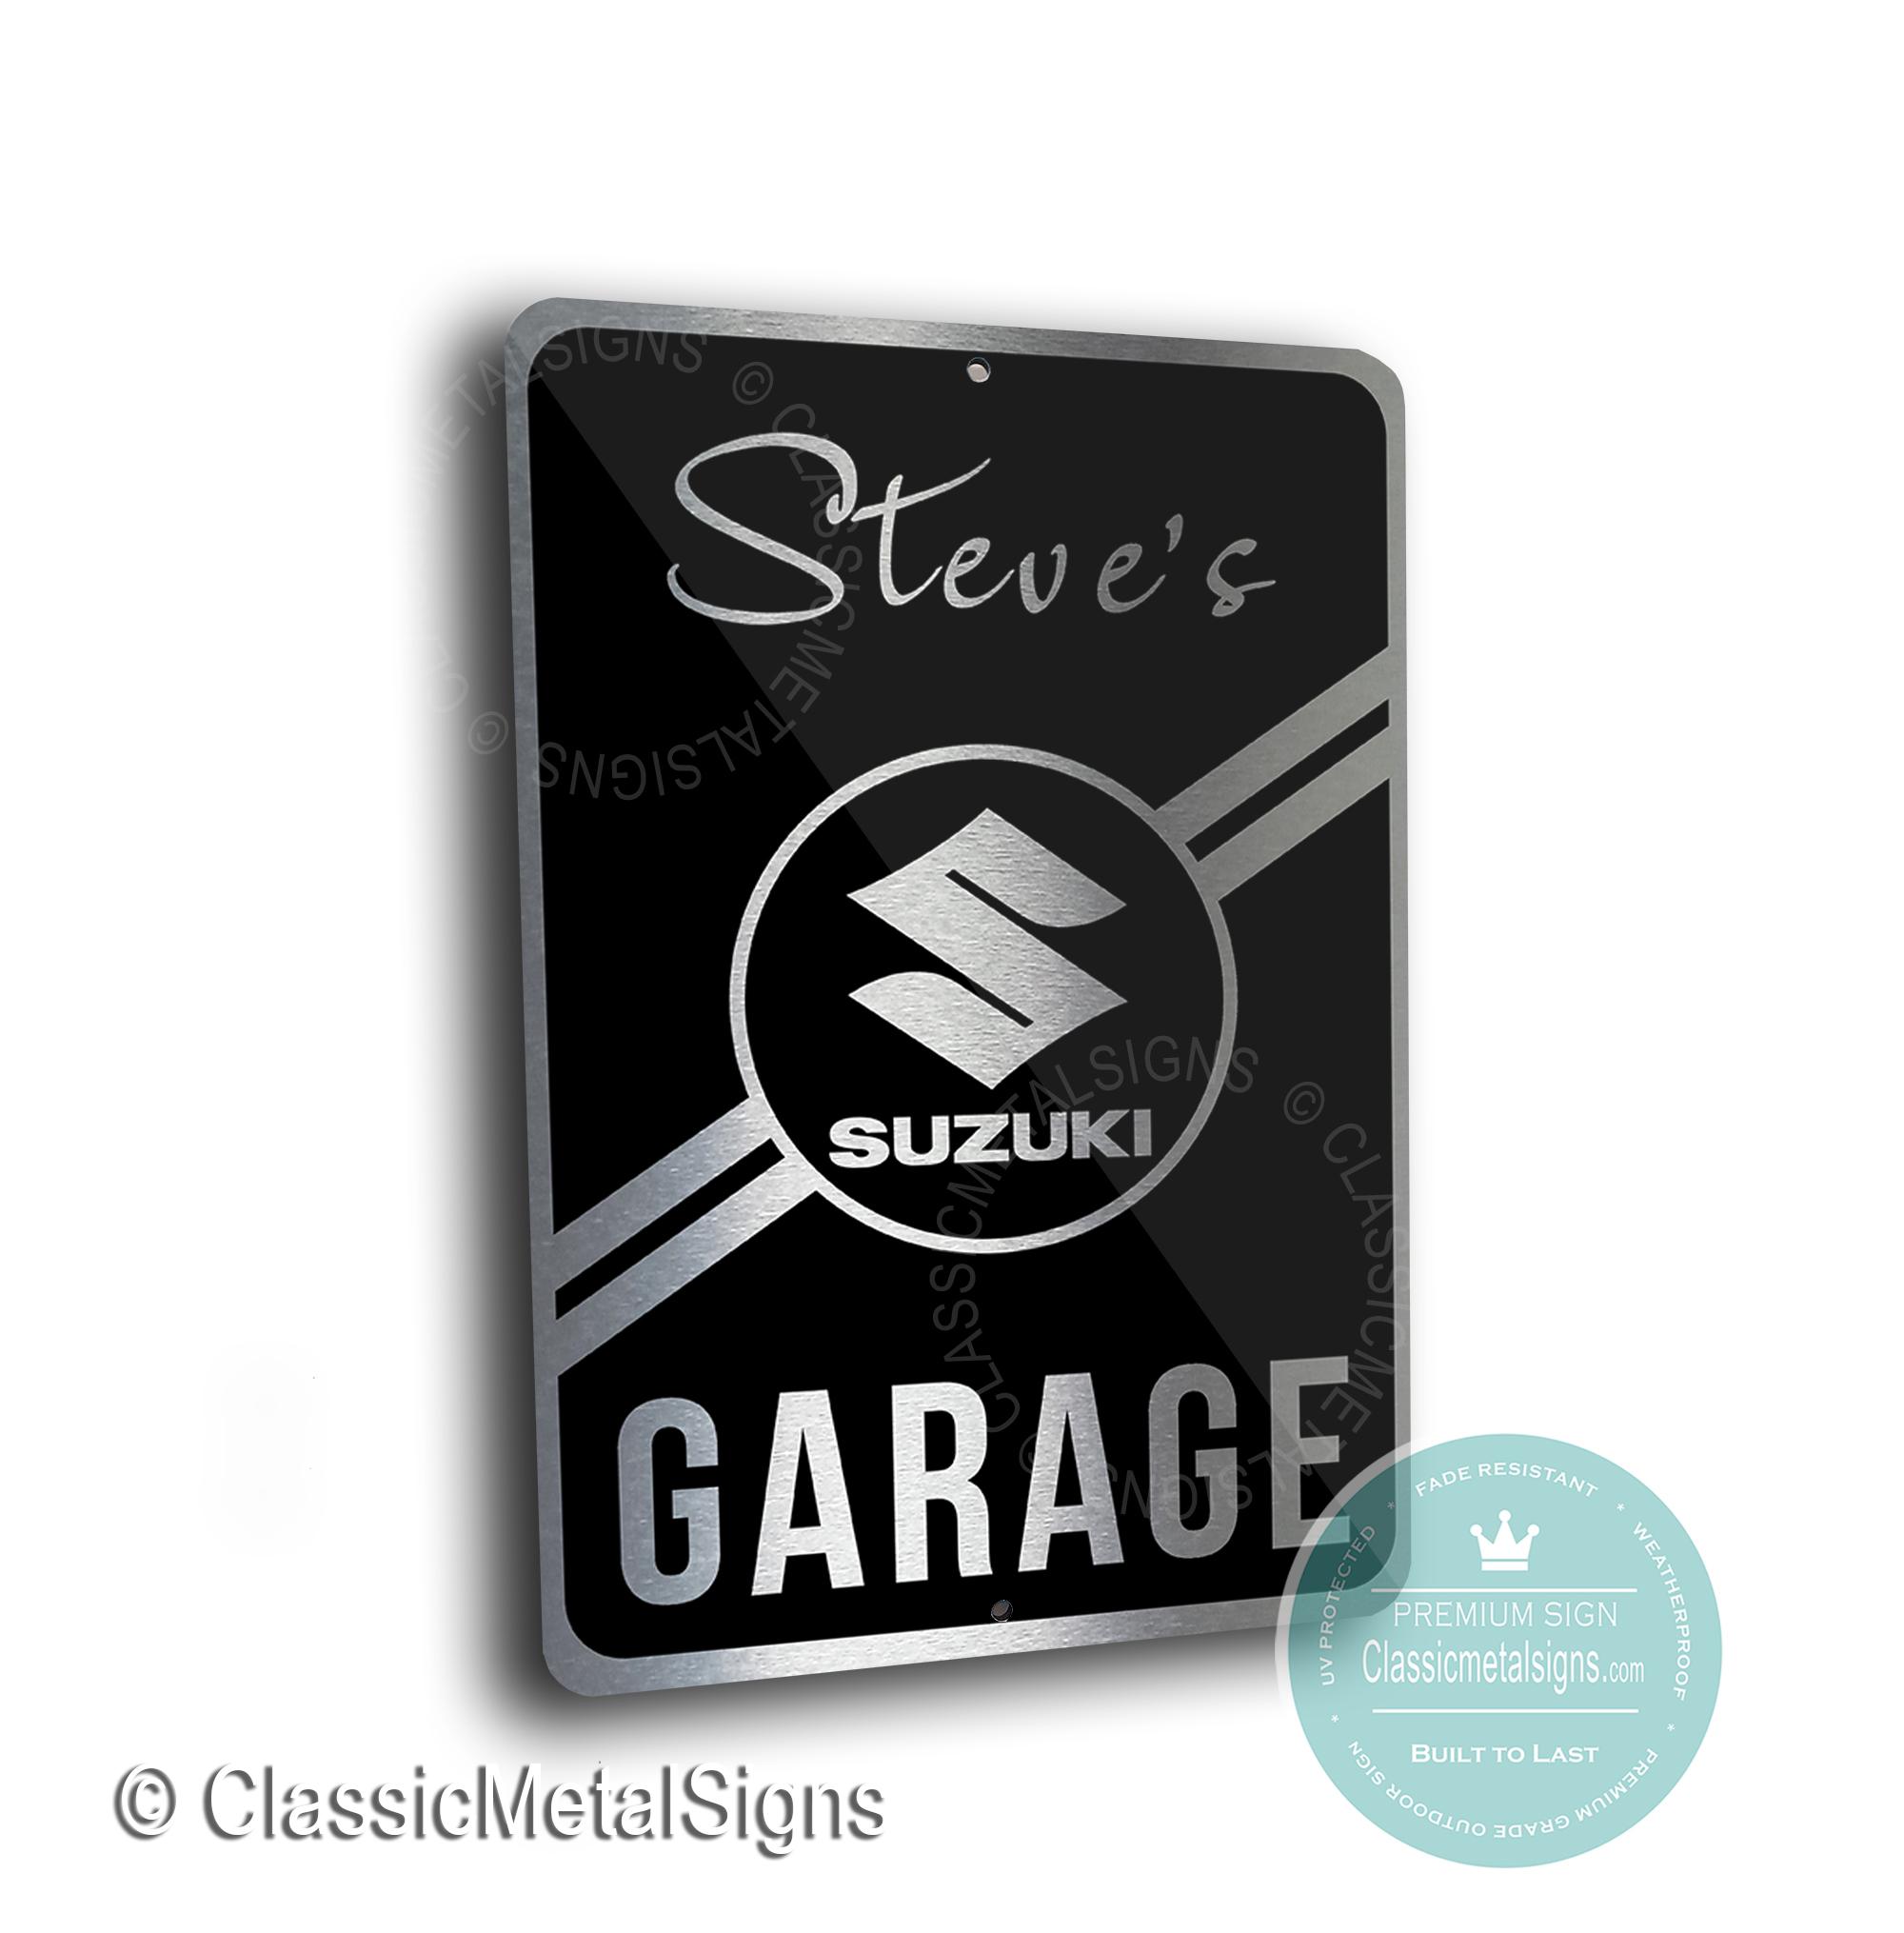 Suzuki Garage Signs